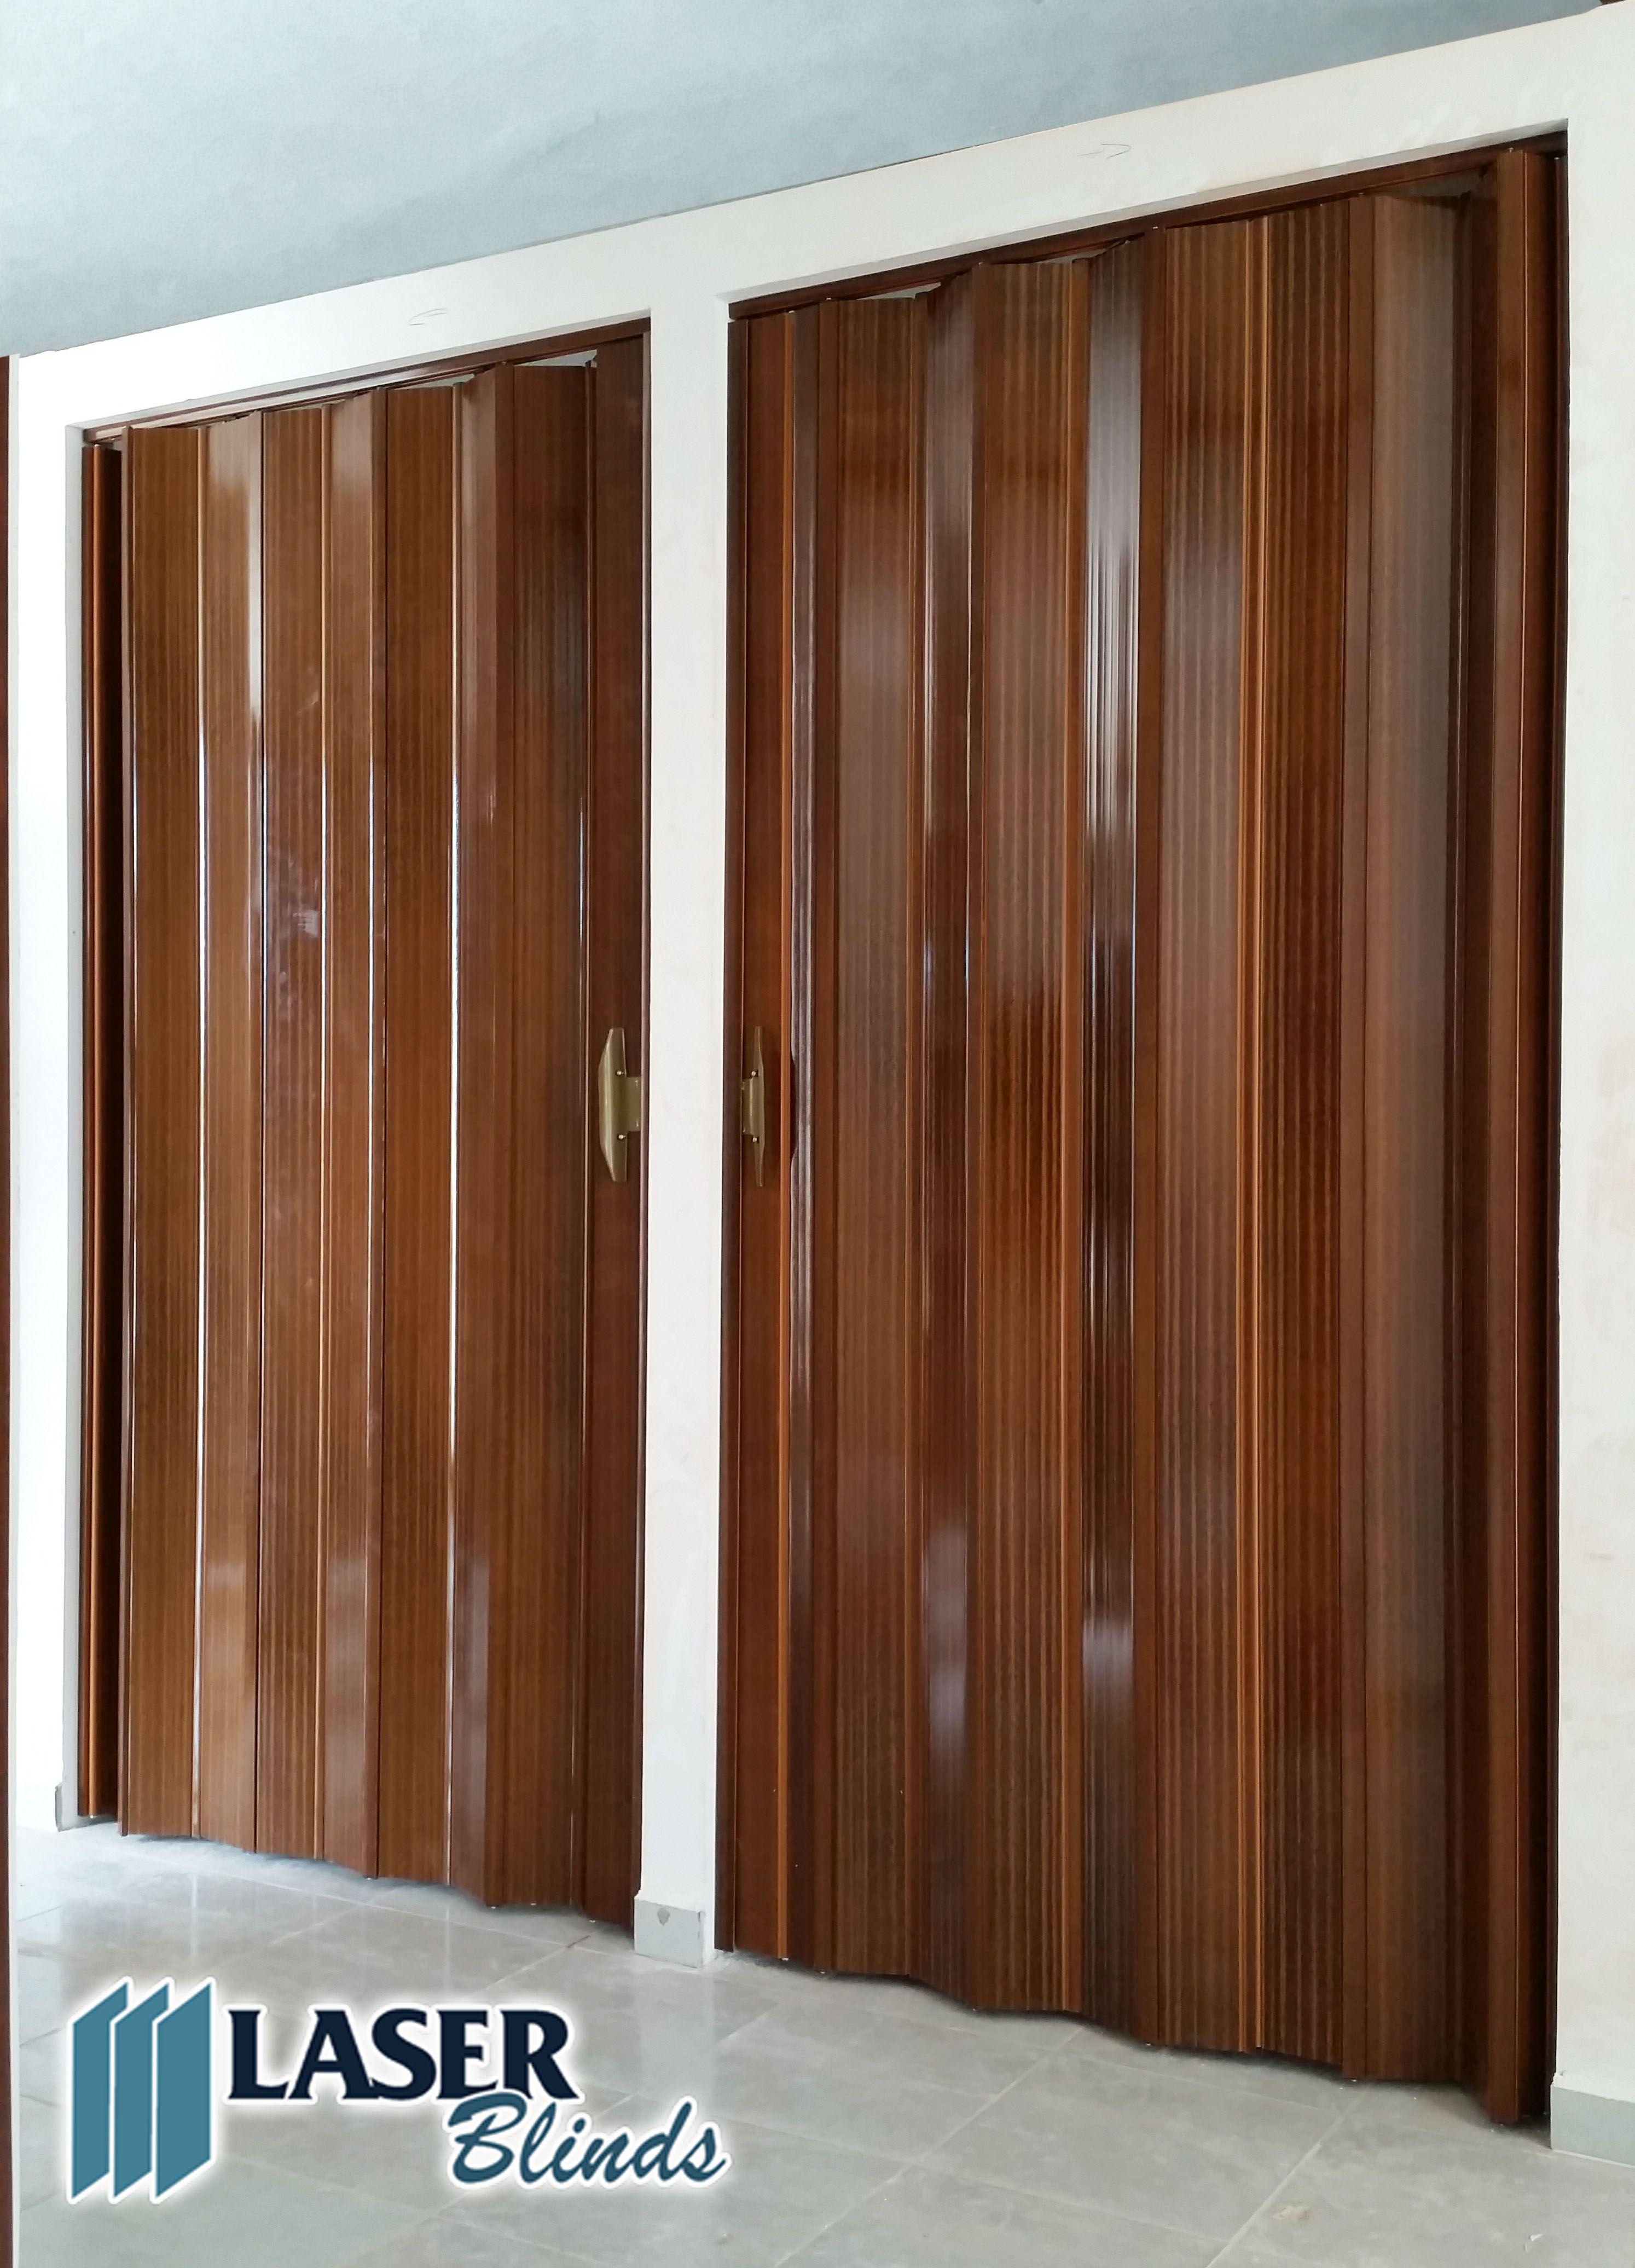 Puertas Plegables De Pvc Color Caoba Www Facebook Com Persianasmx Informes Y Presupuestos En Merida Yucatan 9993315816 Y 9991014637 Home Room Divider Blinds